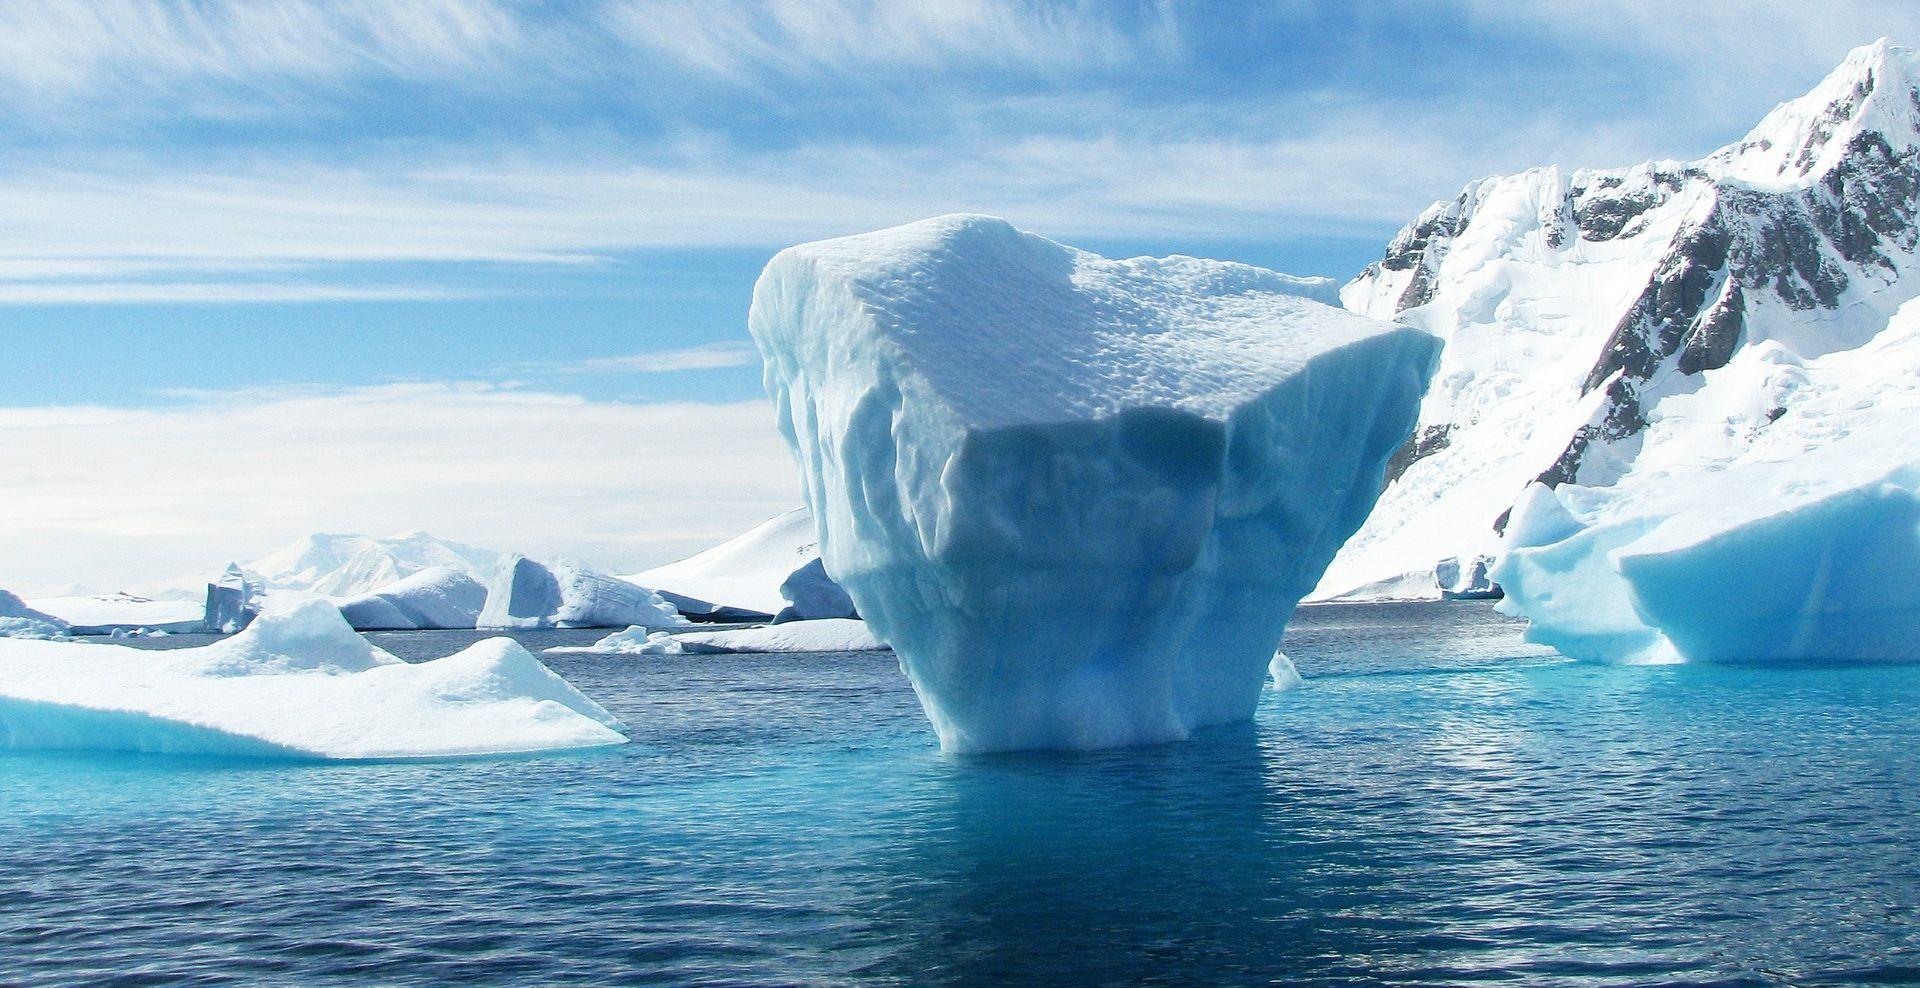 VIŠE OD MILIJUN ČETVORNIH METARA Rusija potražuje suverenitet nad dijelom Arktika